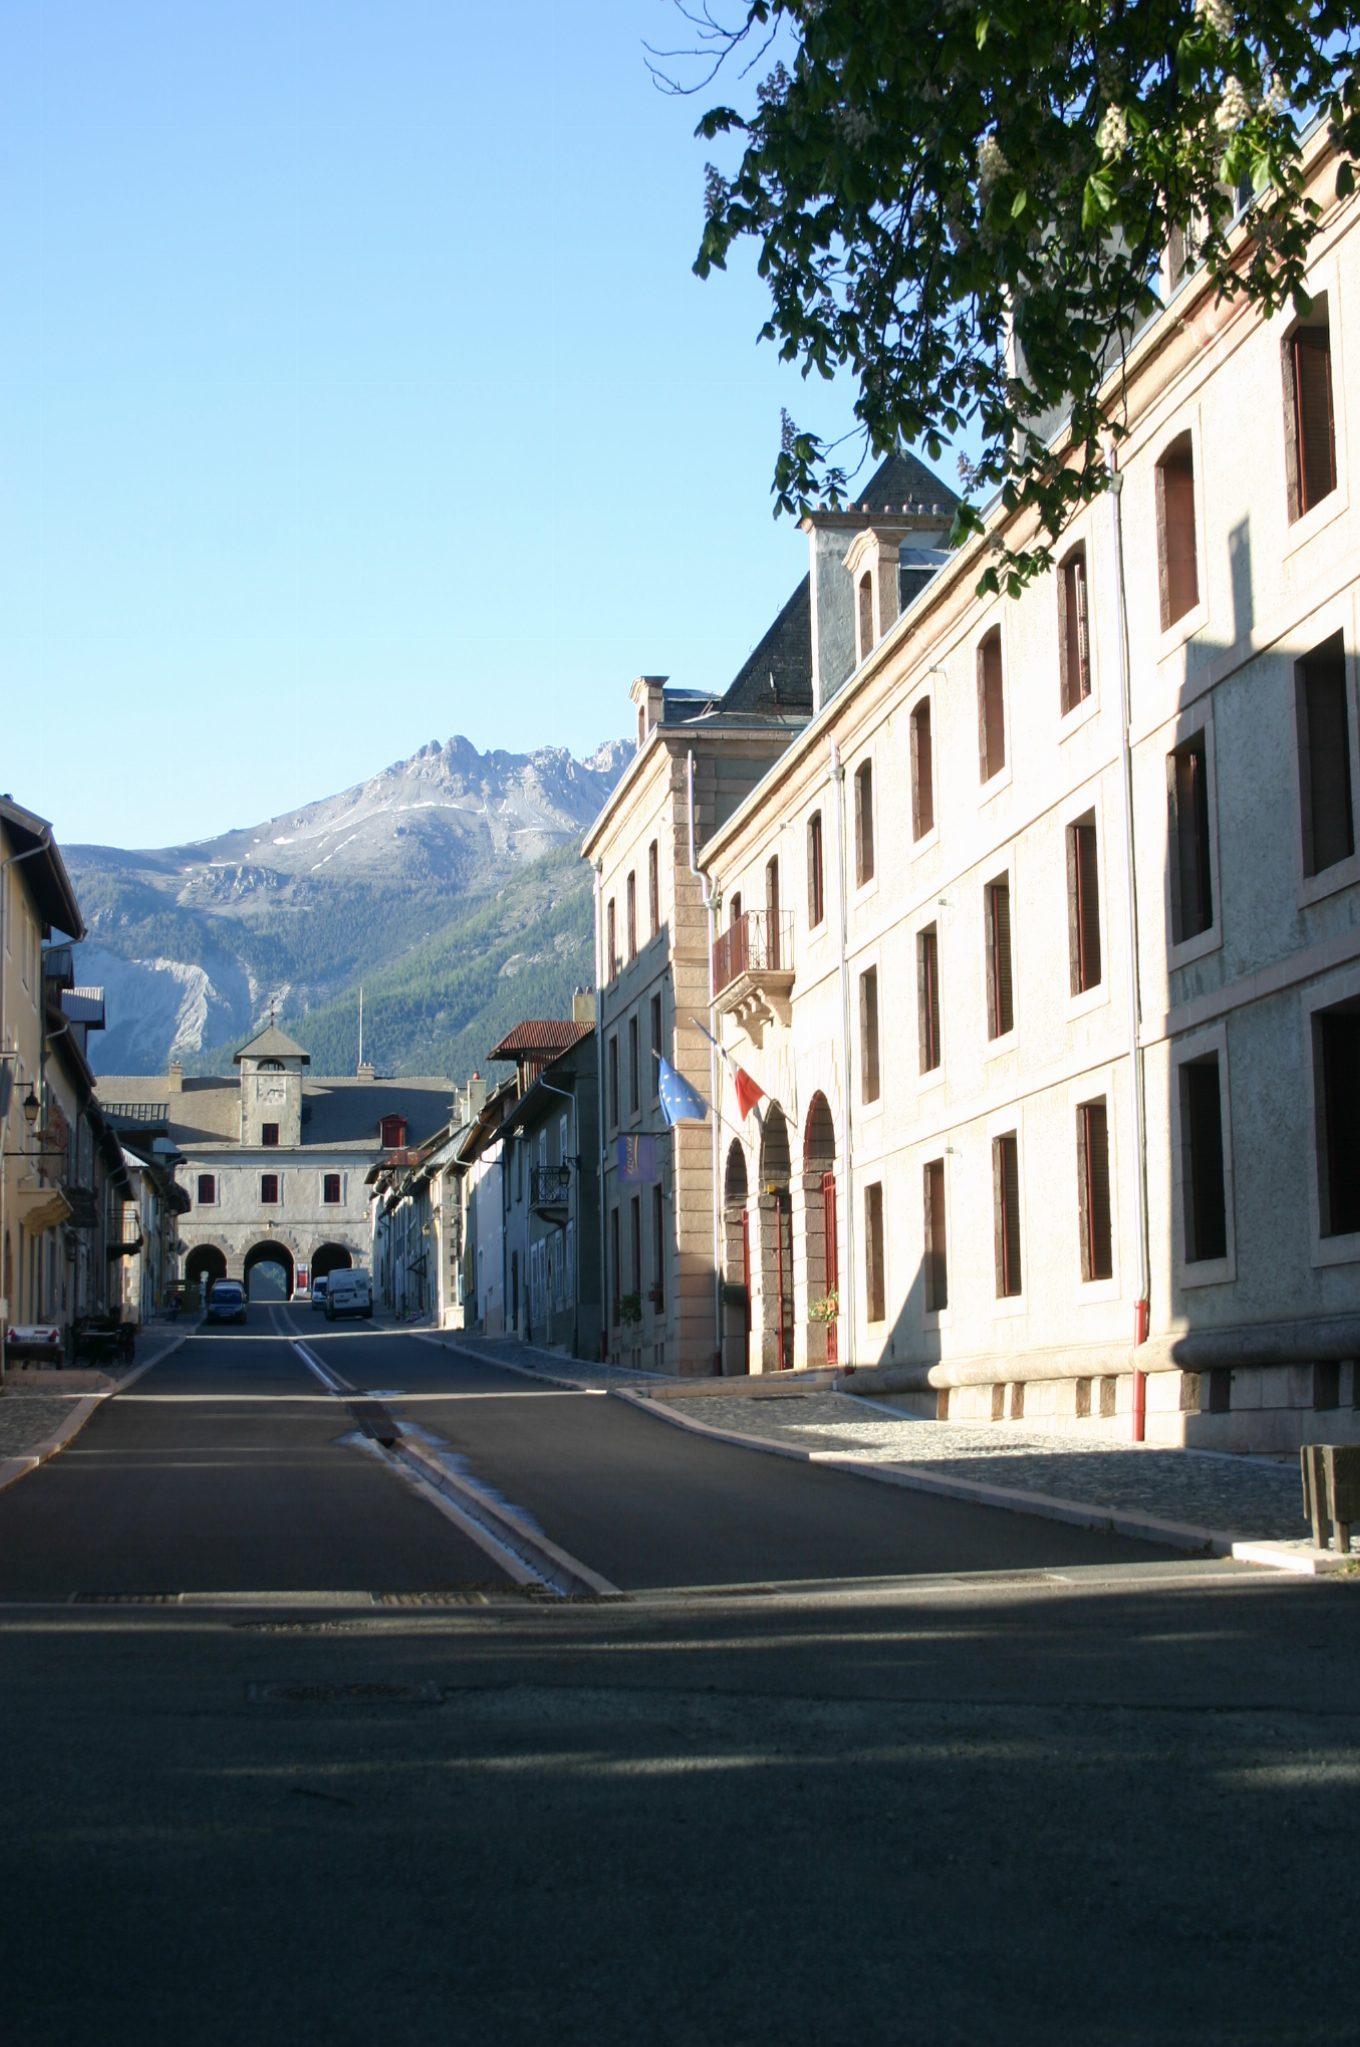 La rue principale avec au bout le pavillon de l'horloge